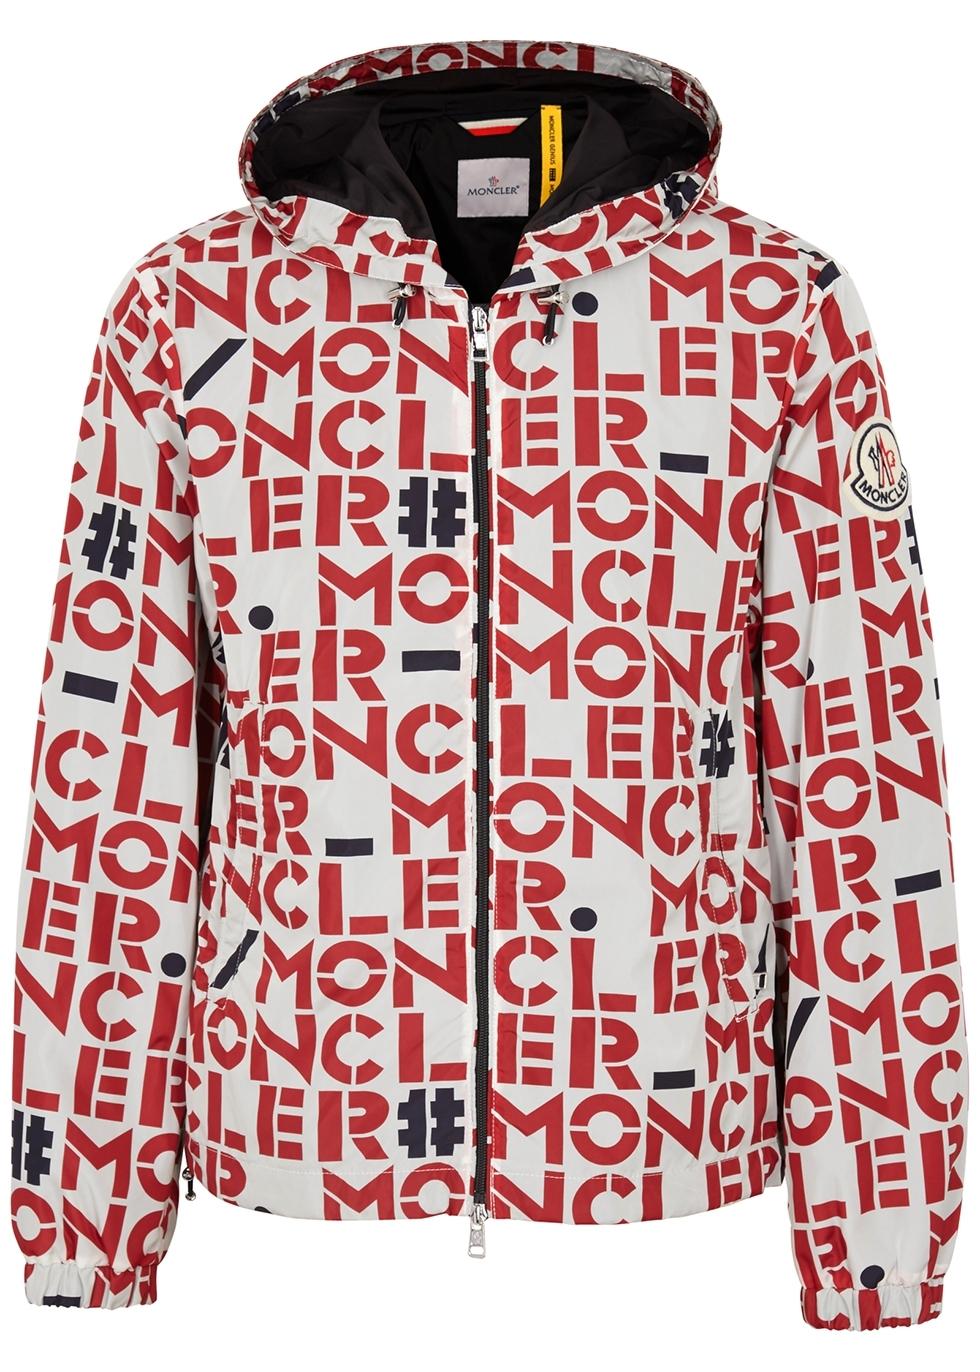 9226e2257 Moncler Genius - Harvey Nichols